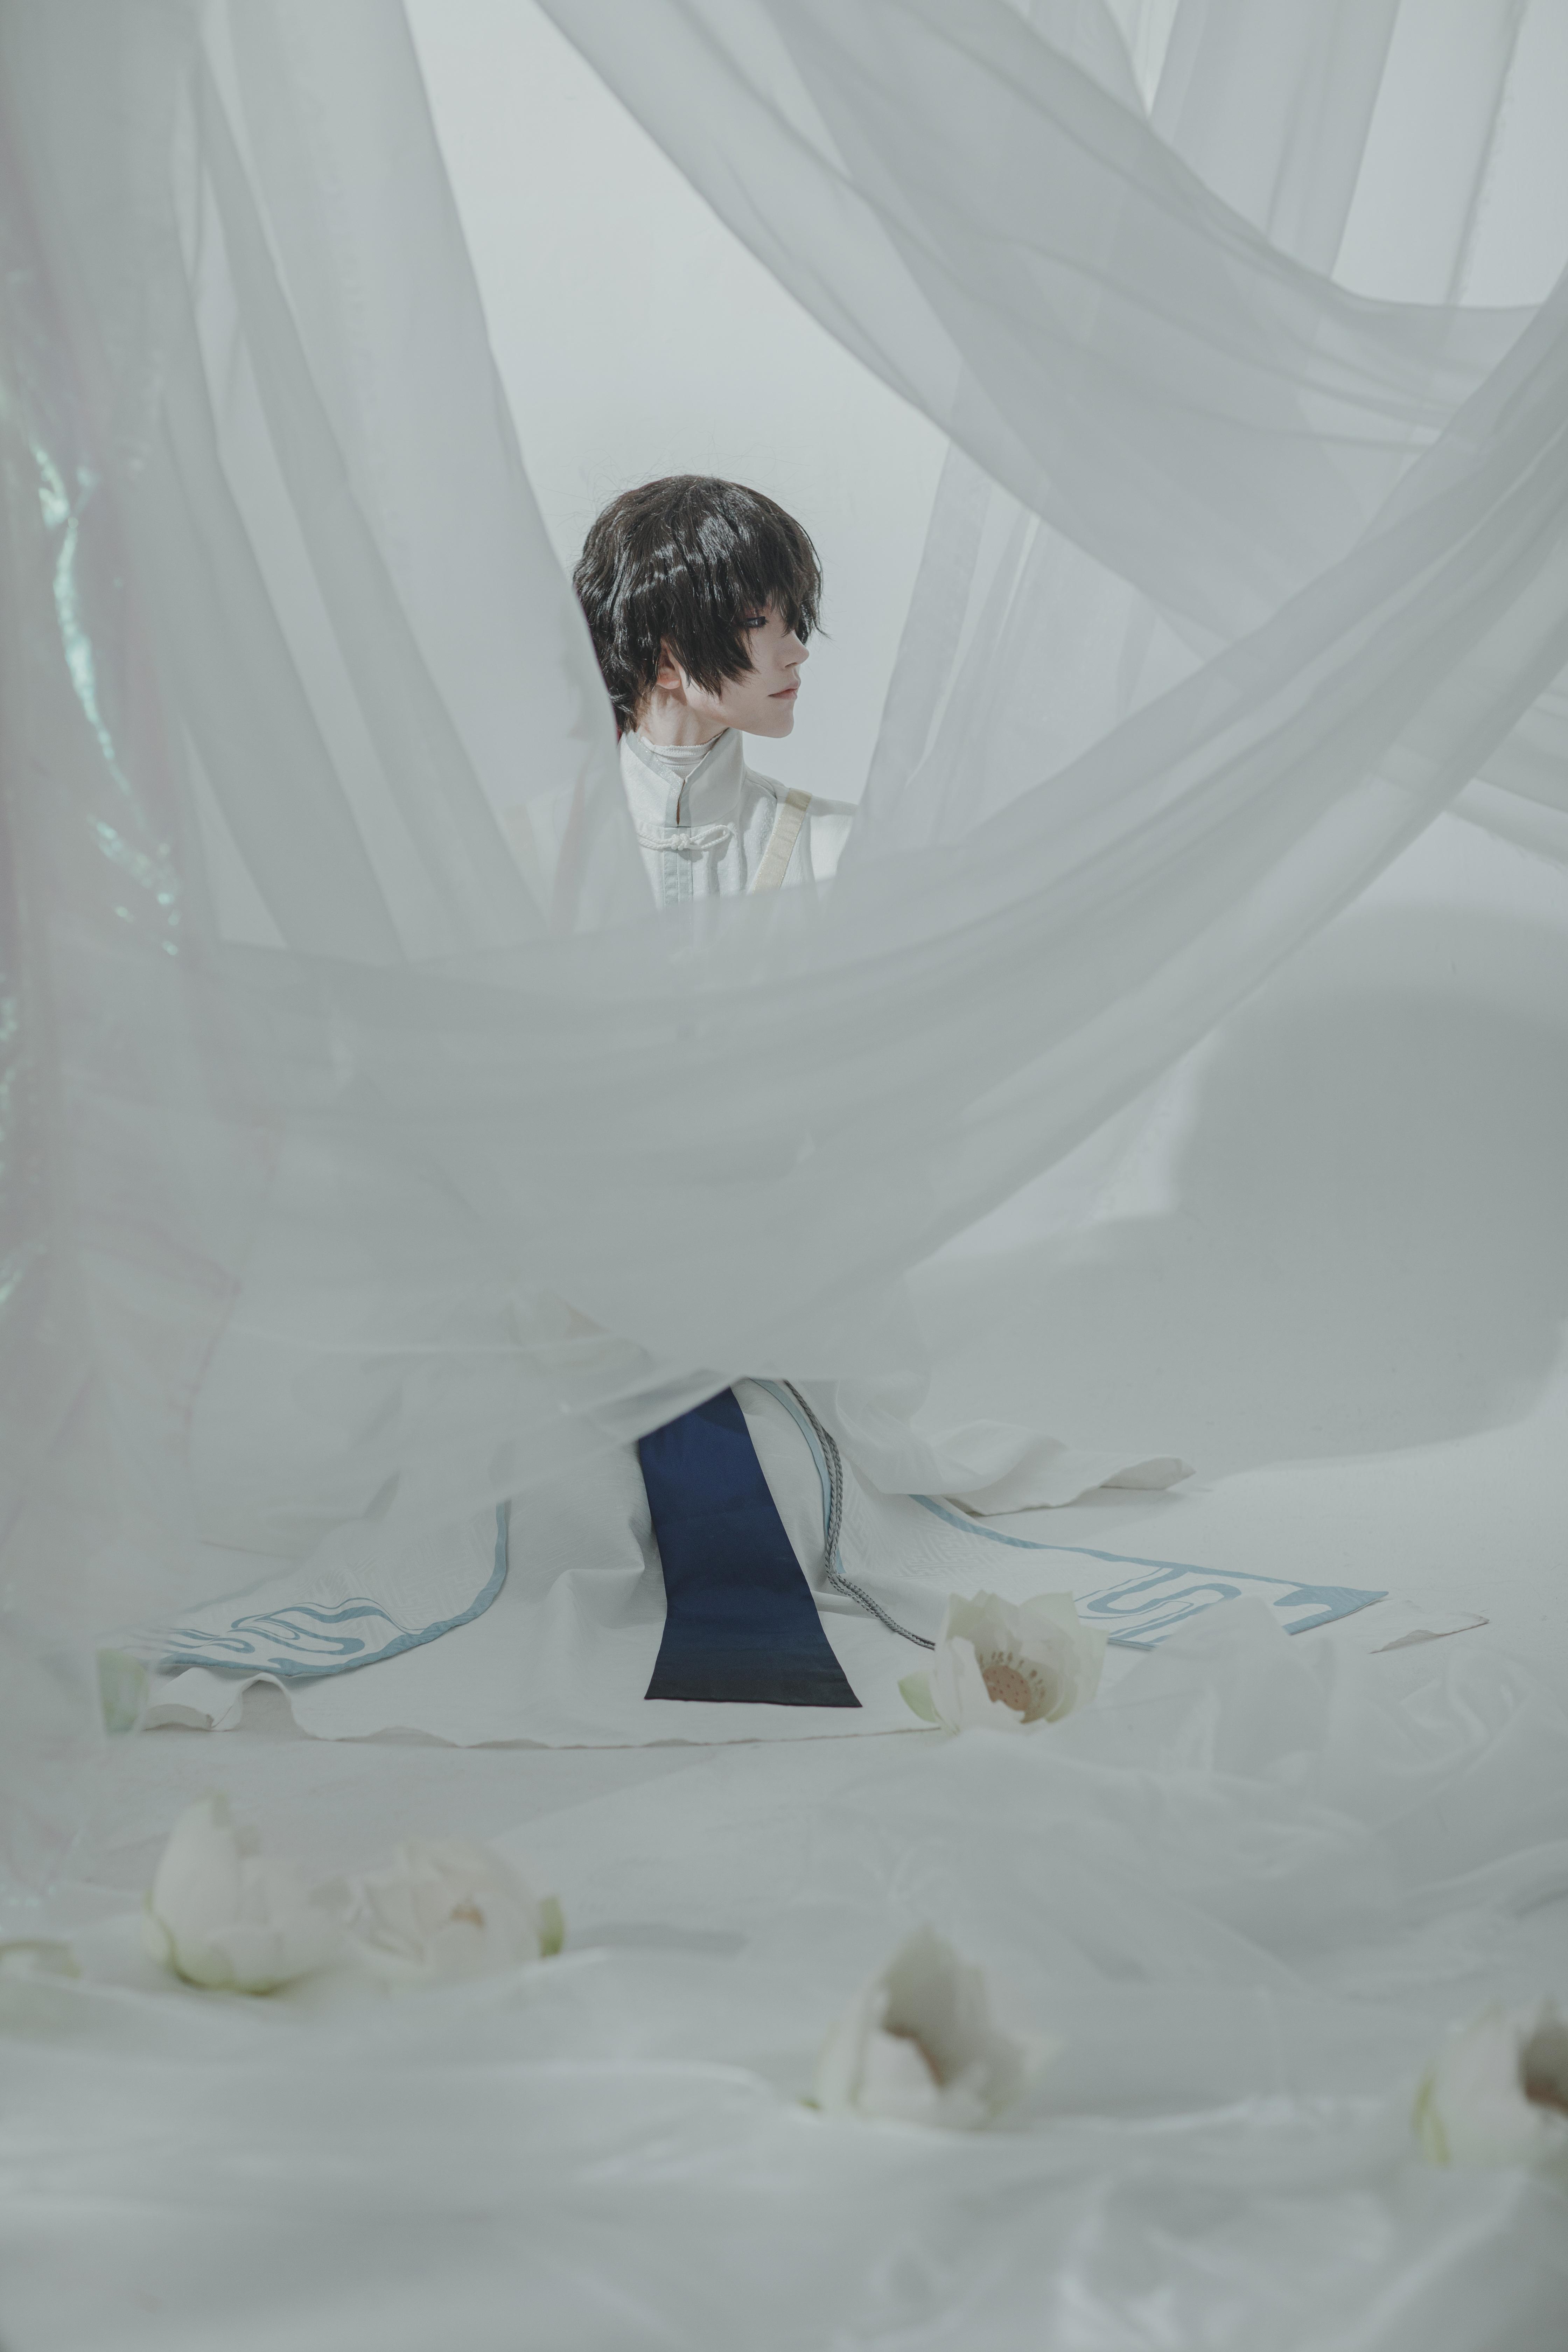 《文豪野犬》正片cosplay【CN:阿昔被喝完了】-第7张